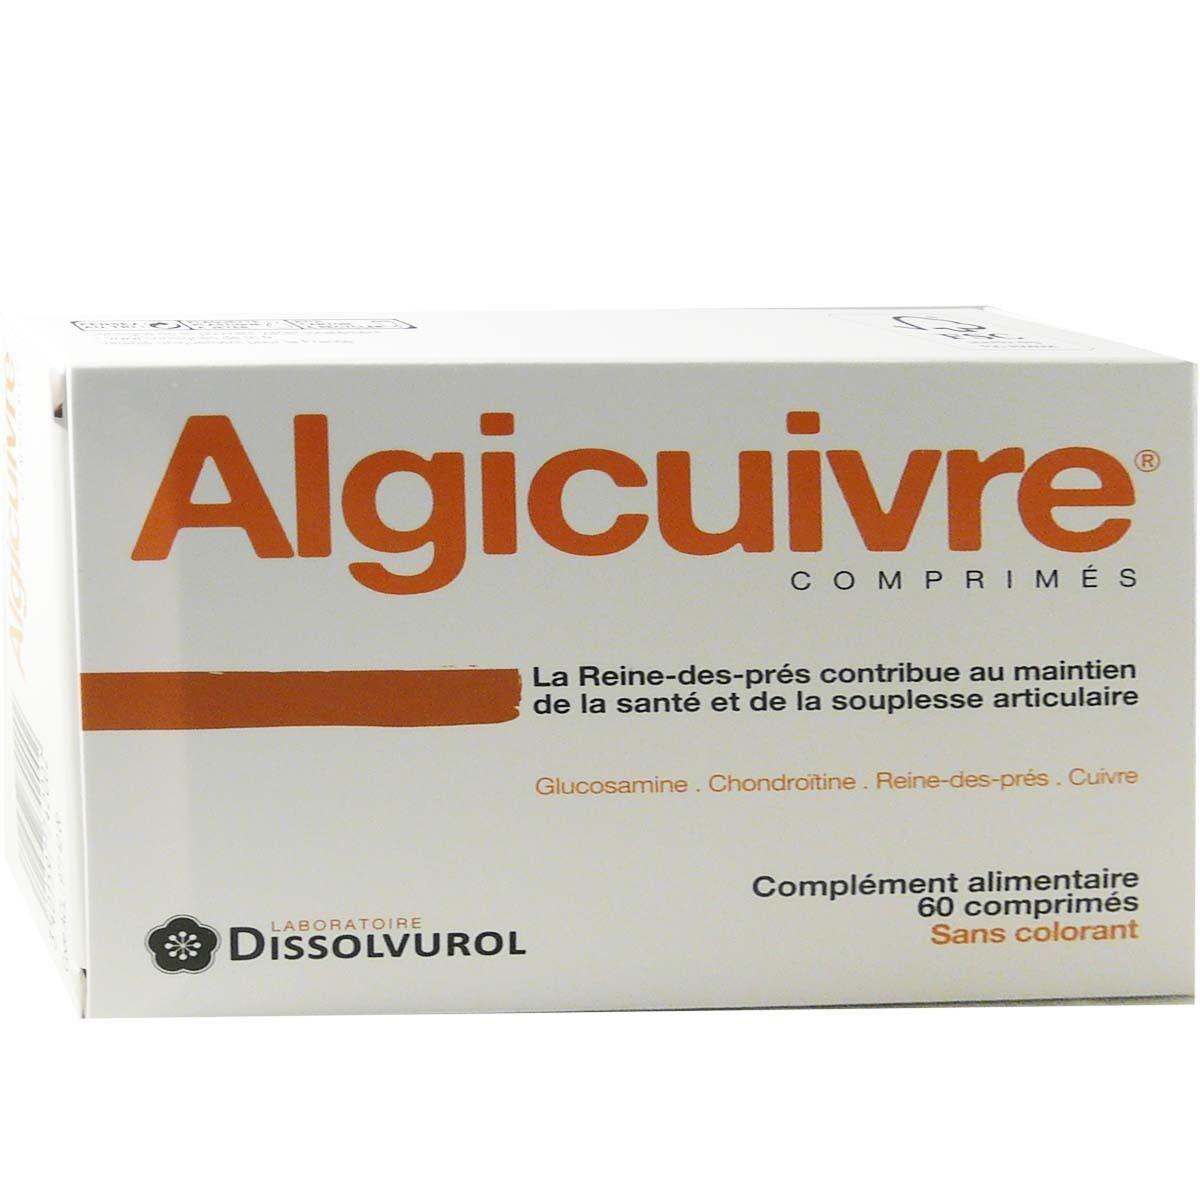 DISSOLVUROL Algicuivre complement alimentaire 60 comprimes